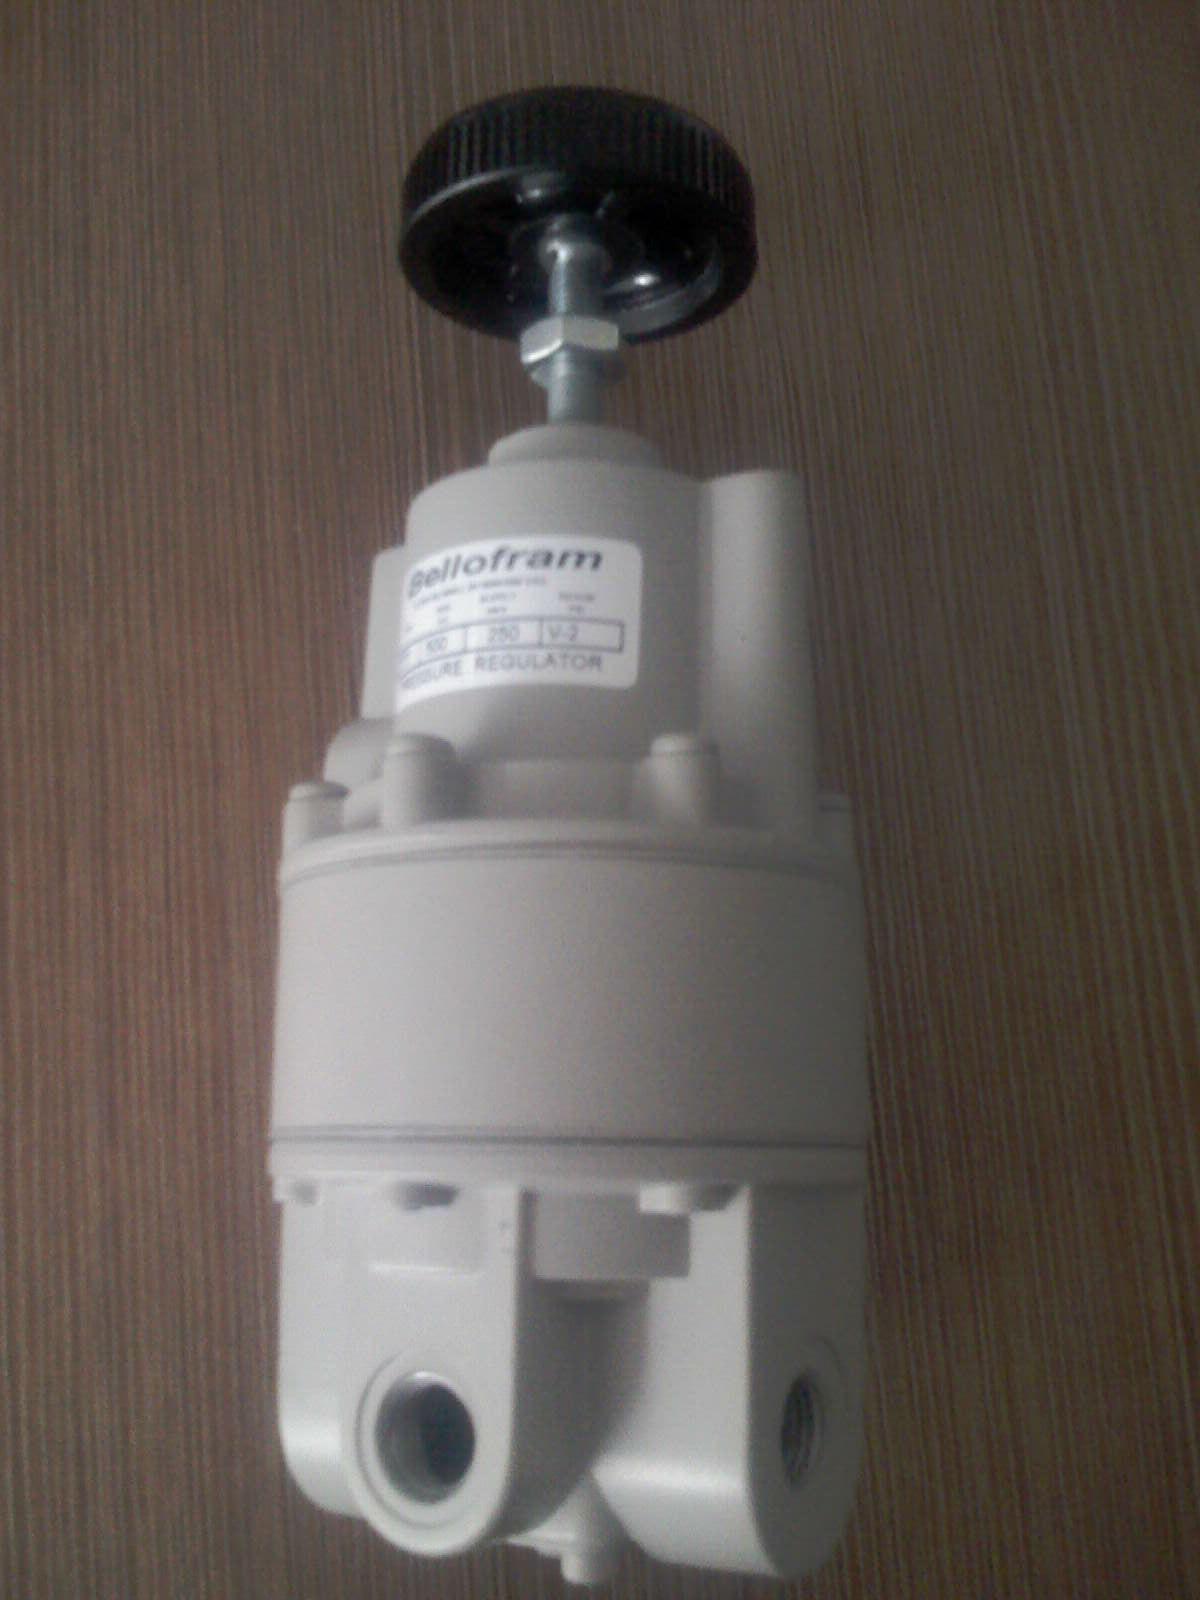 US BELLOFRAM T77 vacuum regulator 960-502-000 30PSI vacuum low pressure regulator bellofram t77 vacuum regulator 960 500 000 2psi vacuum low pressure valve